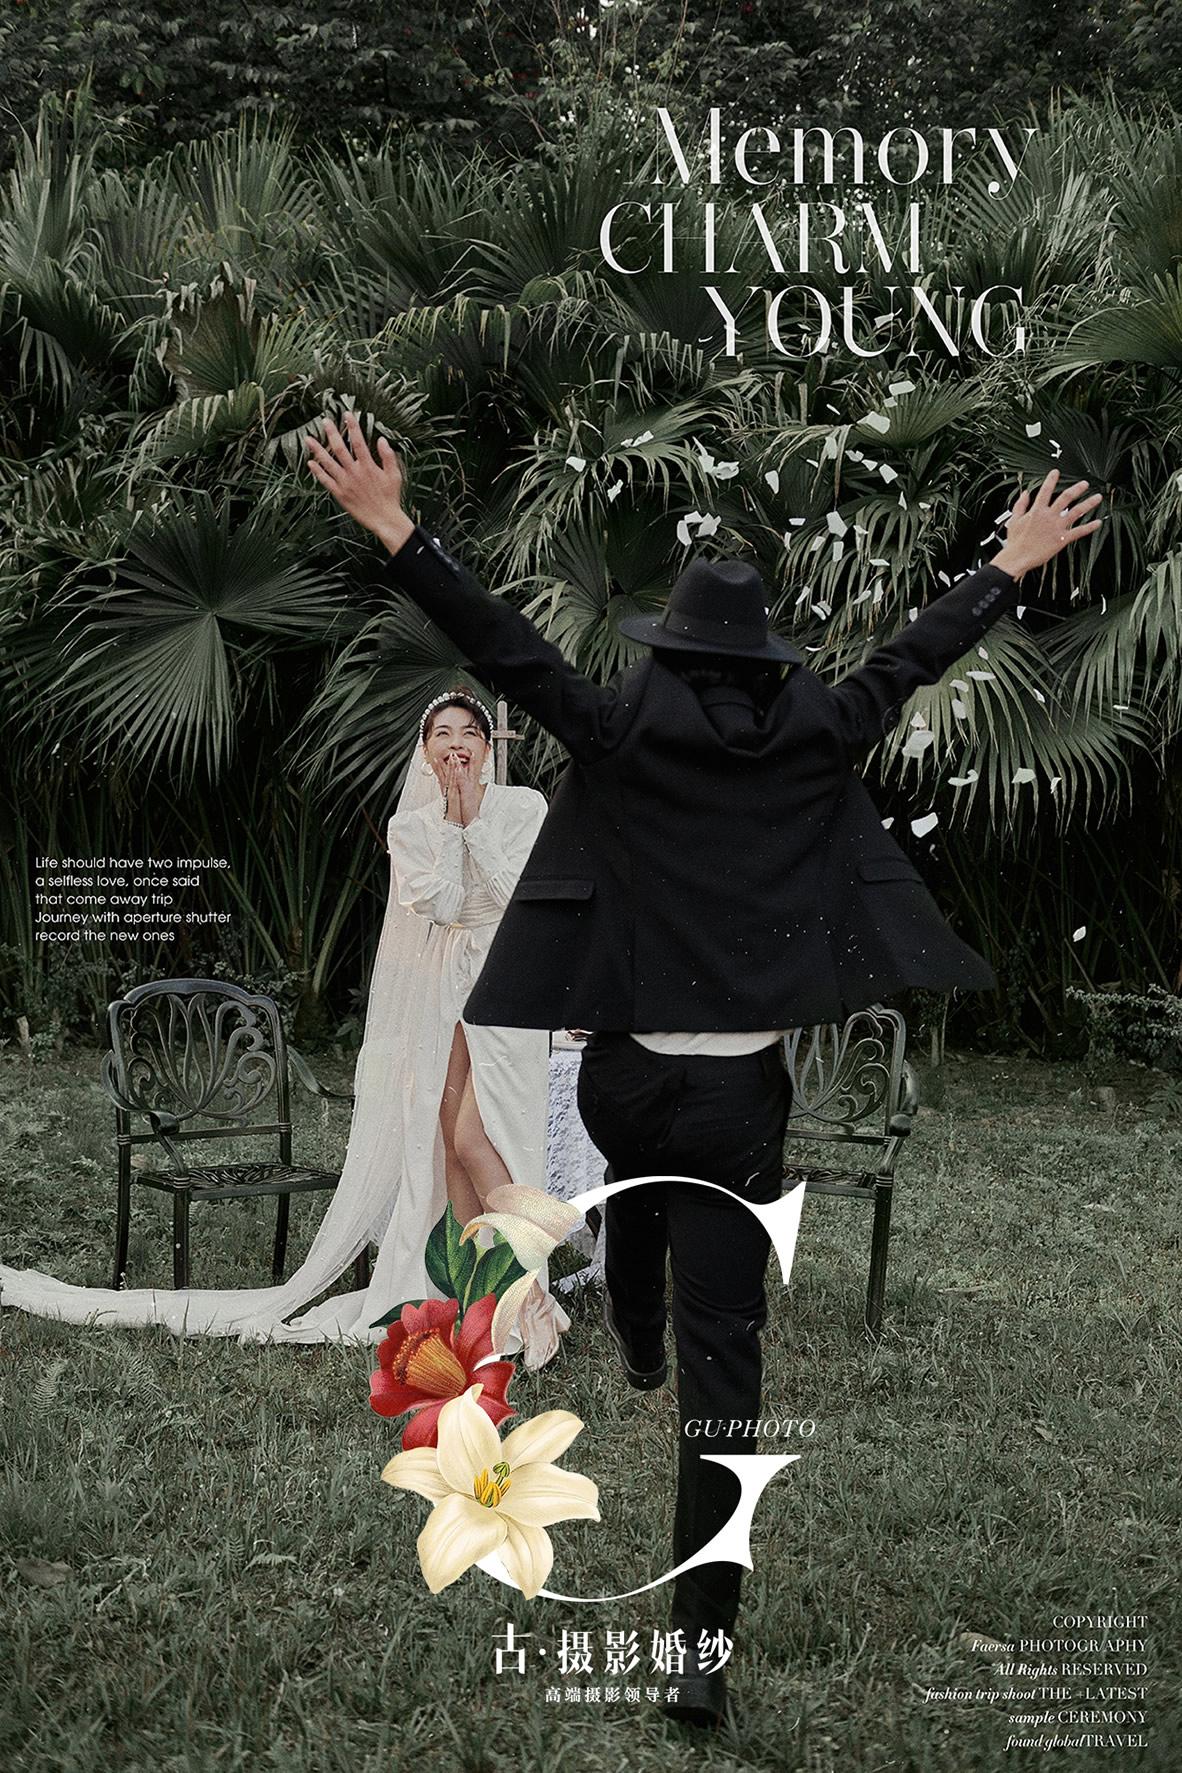 安納西湖 - 婚紗景點客照 - 古攝影婚紗藝術-古攝影成都婚紗攝影藝術攝影網